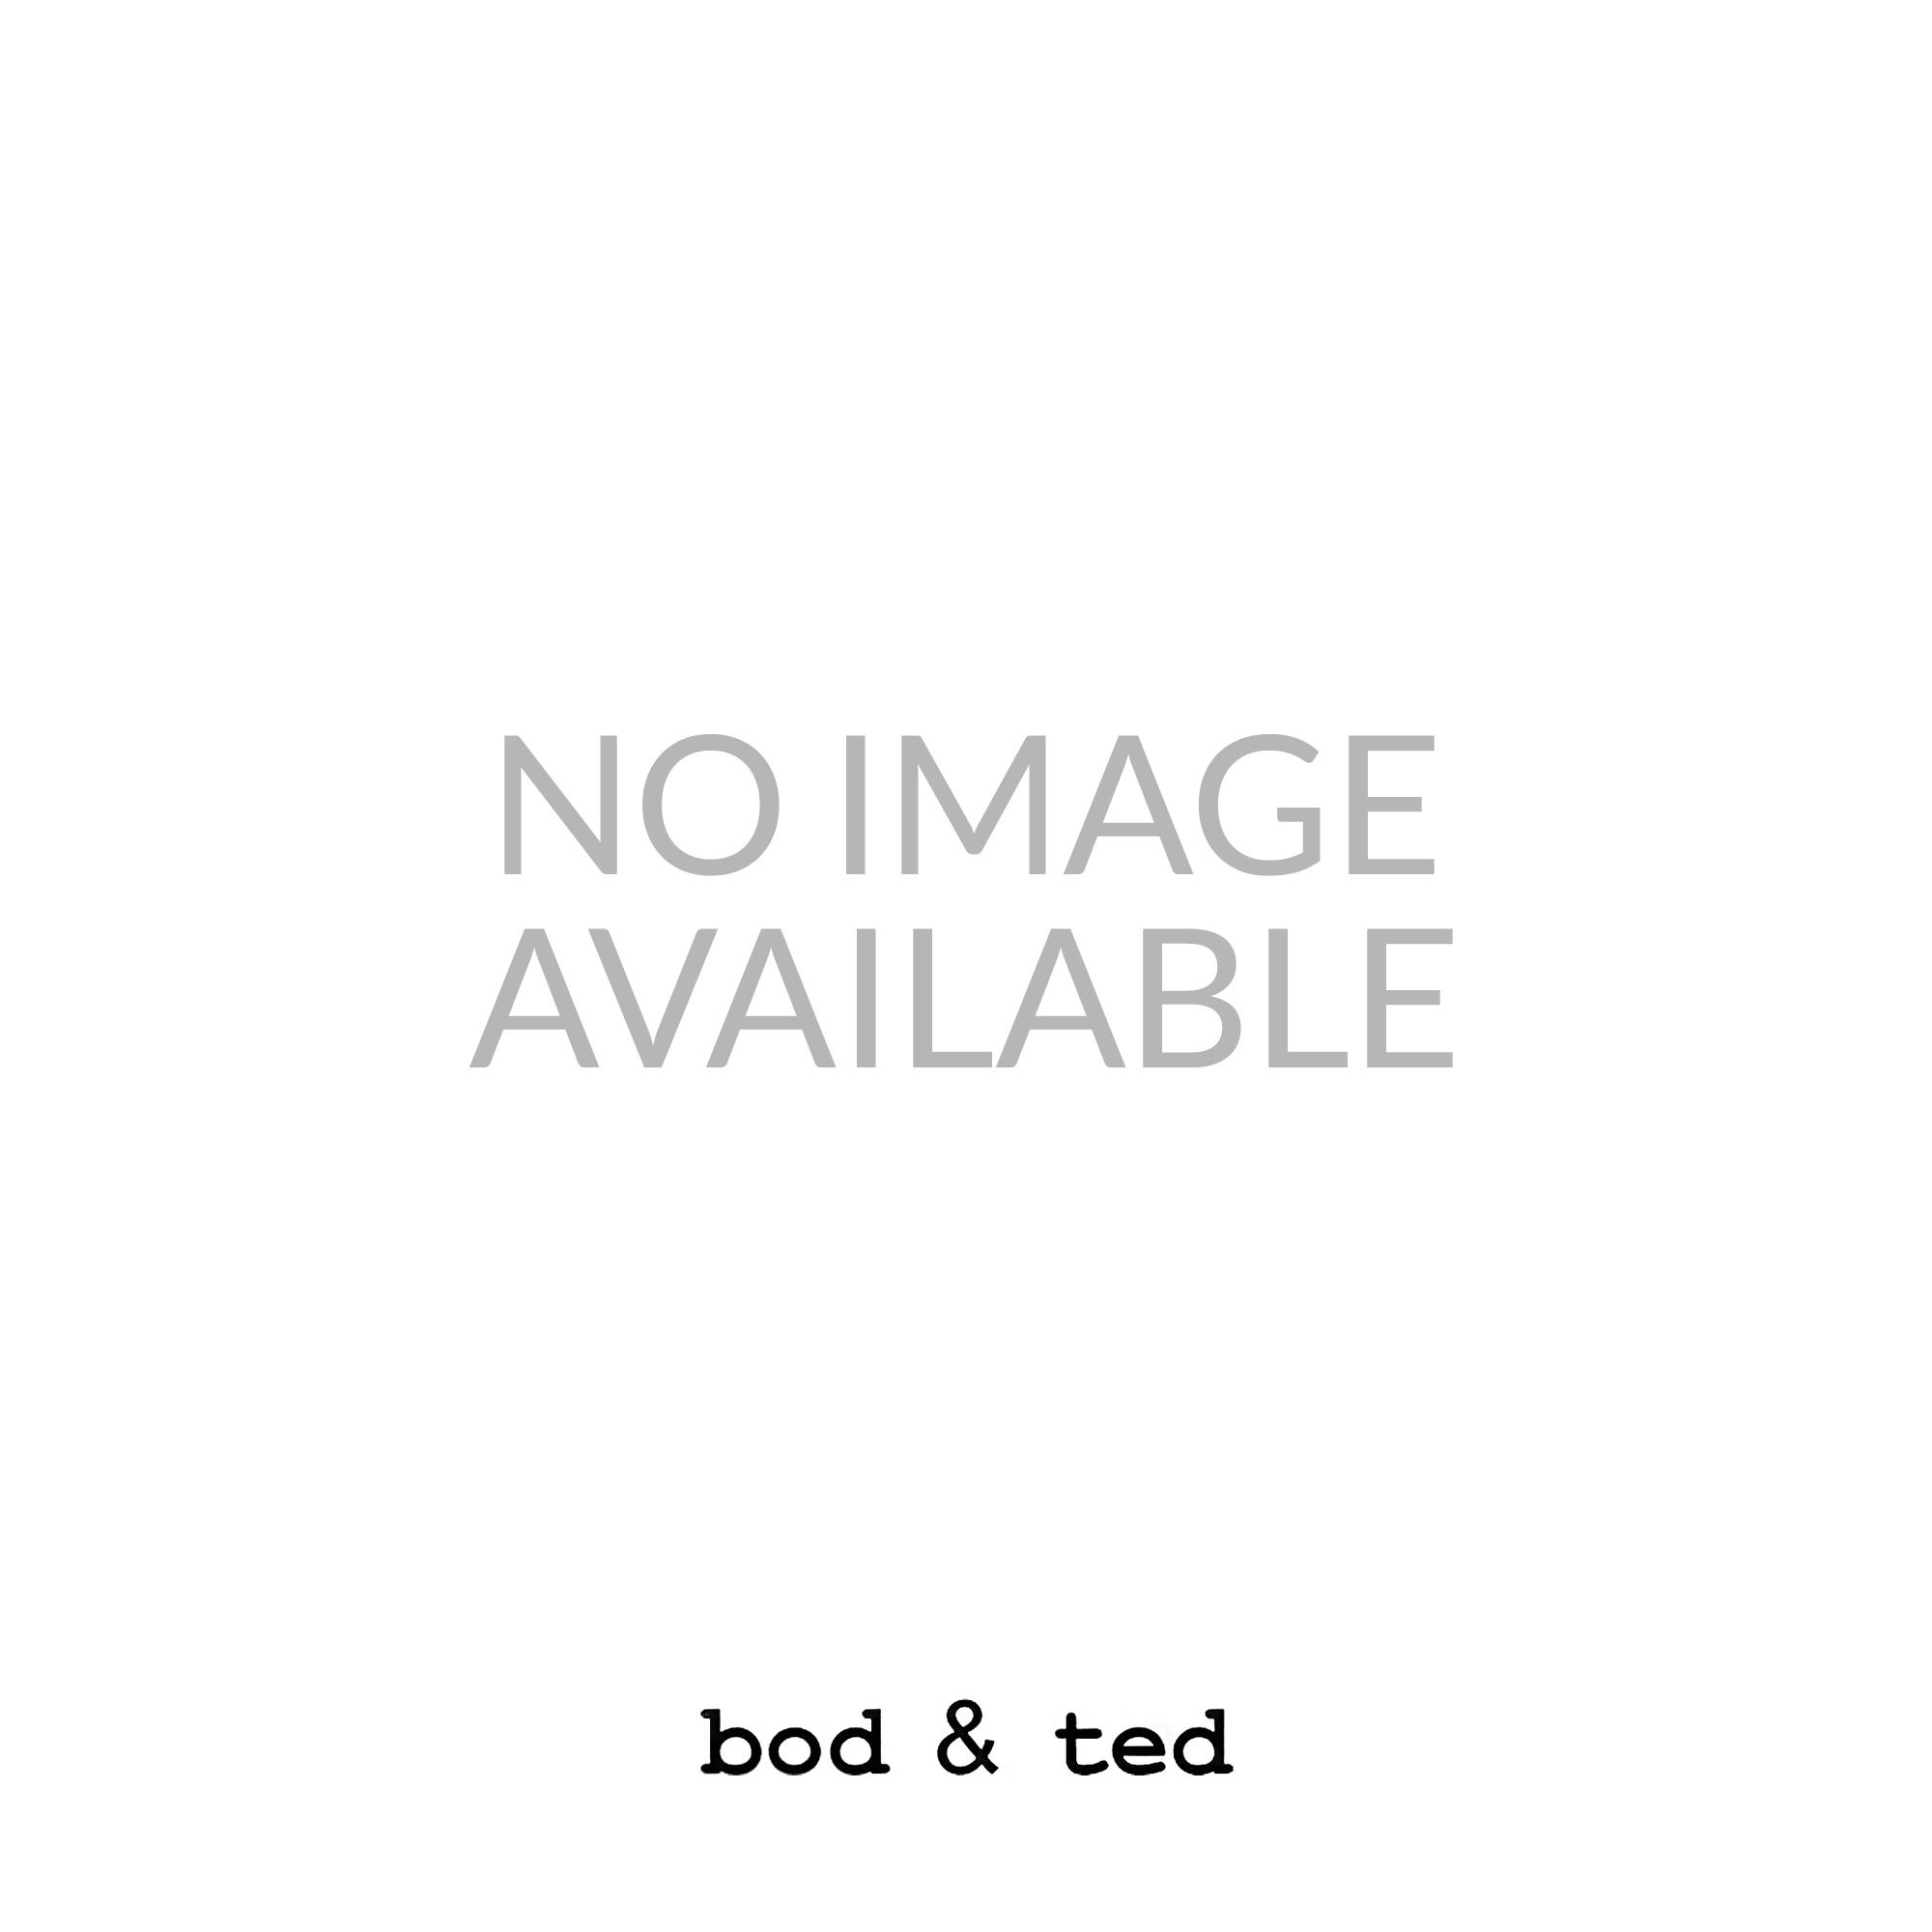 13b0ecce824 American Vintage Sonoma Top in Pumpkin | Shop American Vintage bod & ted